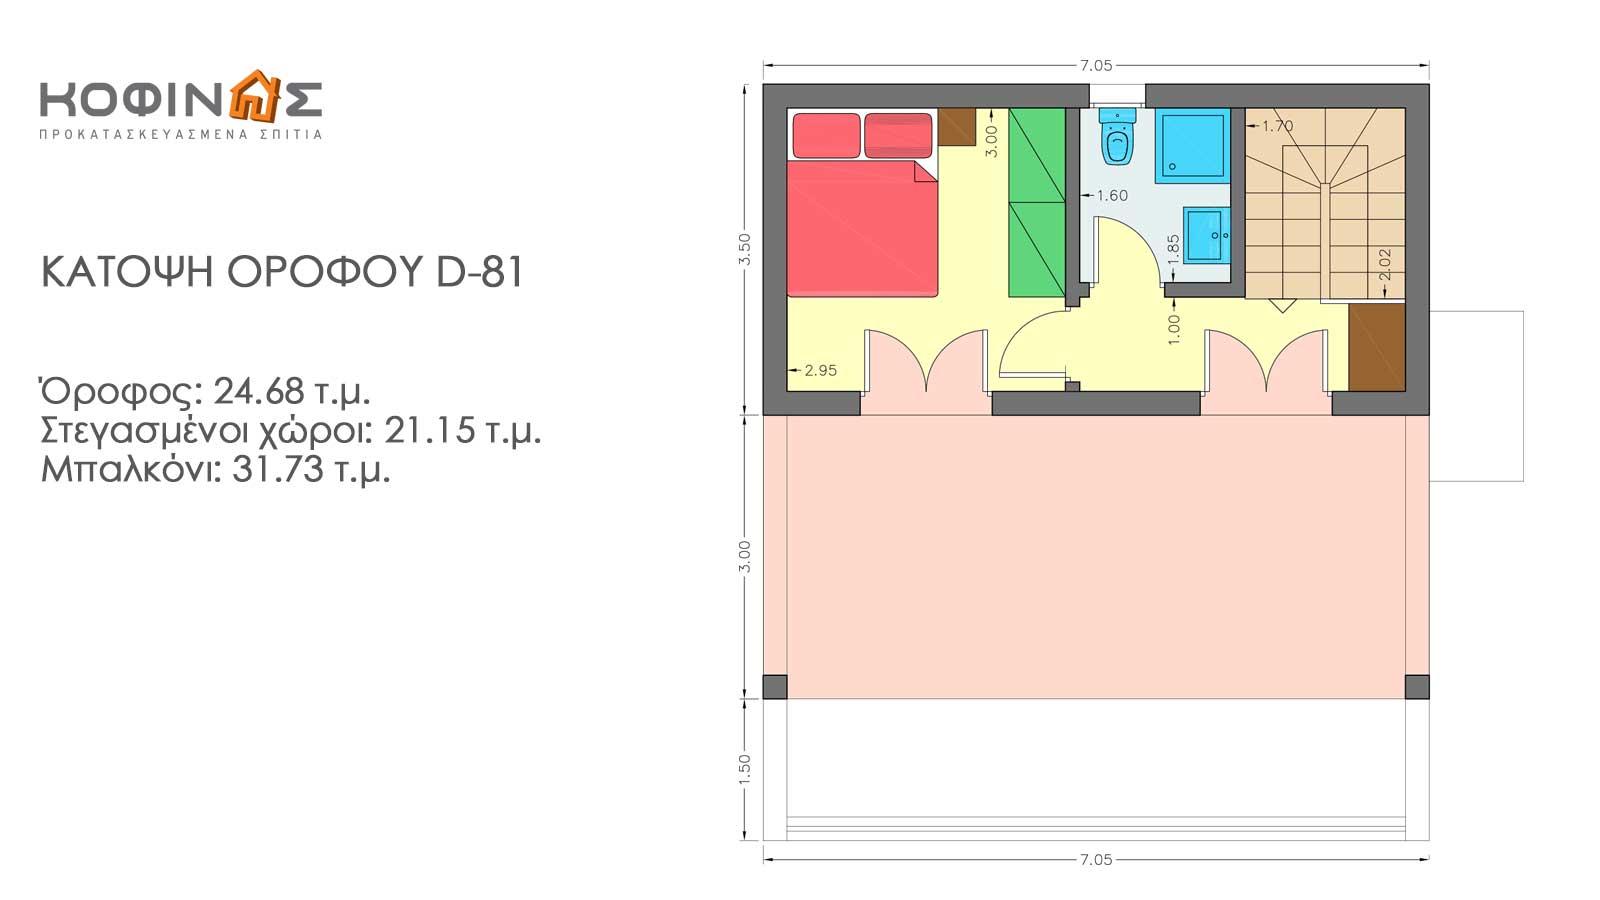 Διώροφη Κατοικία D-81, συνολικής επιφάνειας 81,08 τ.μ.